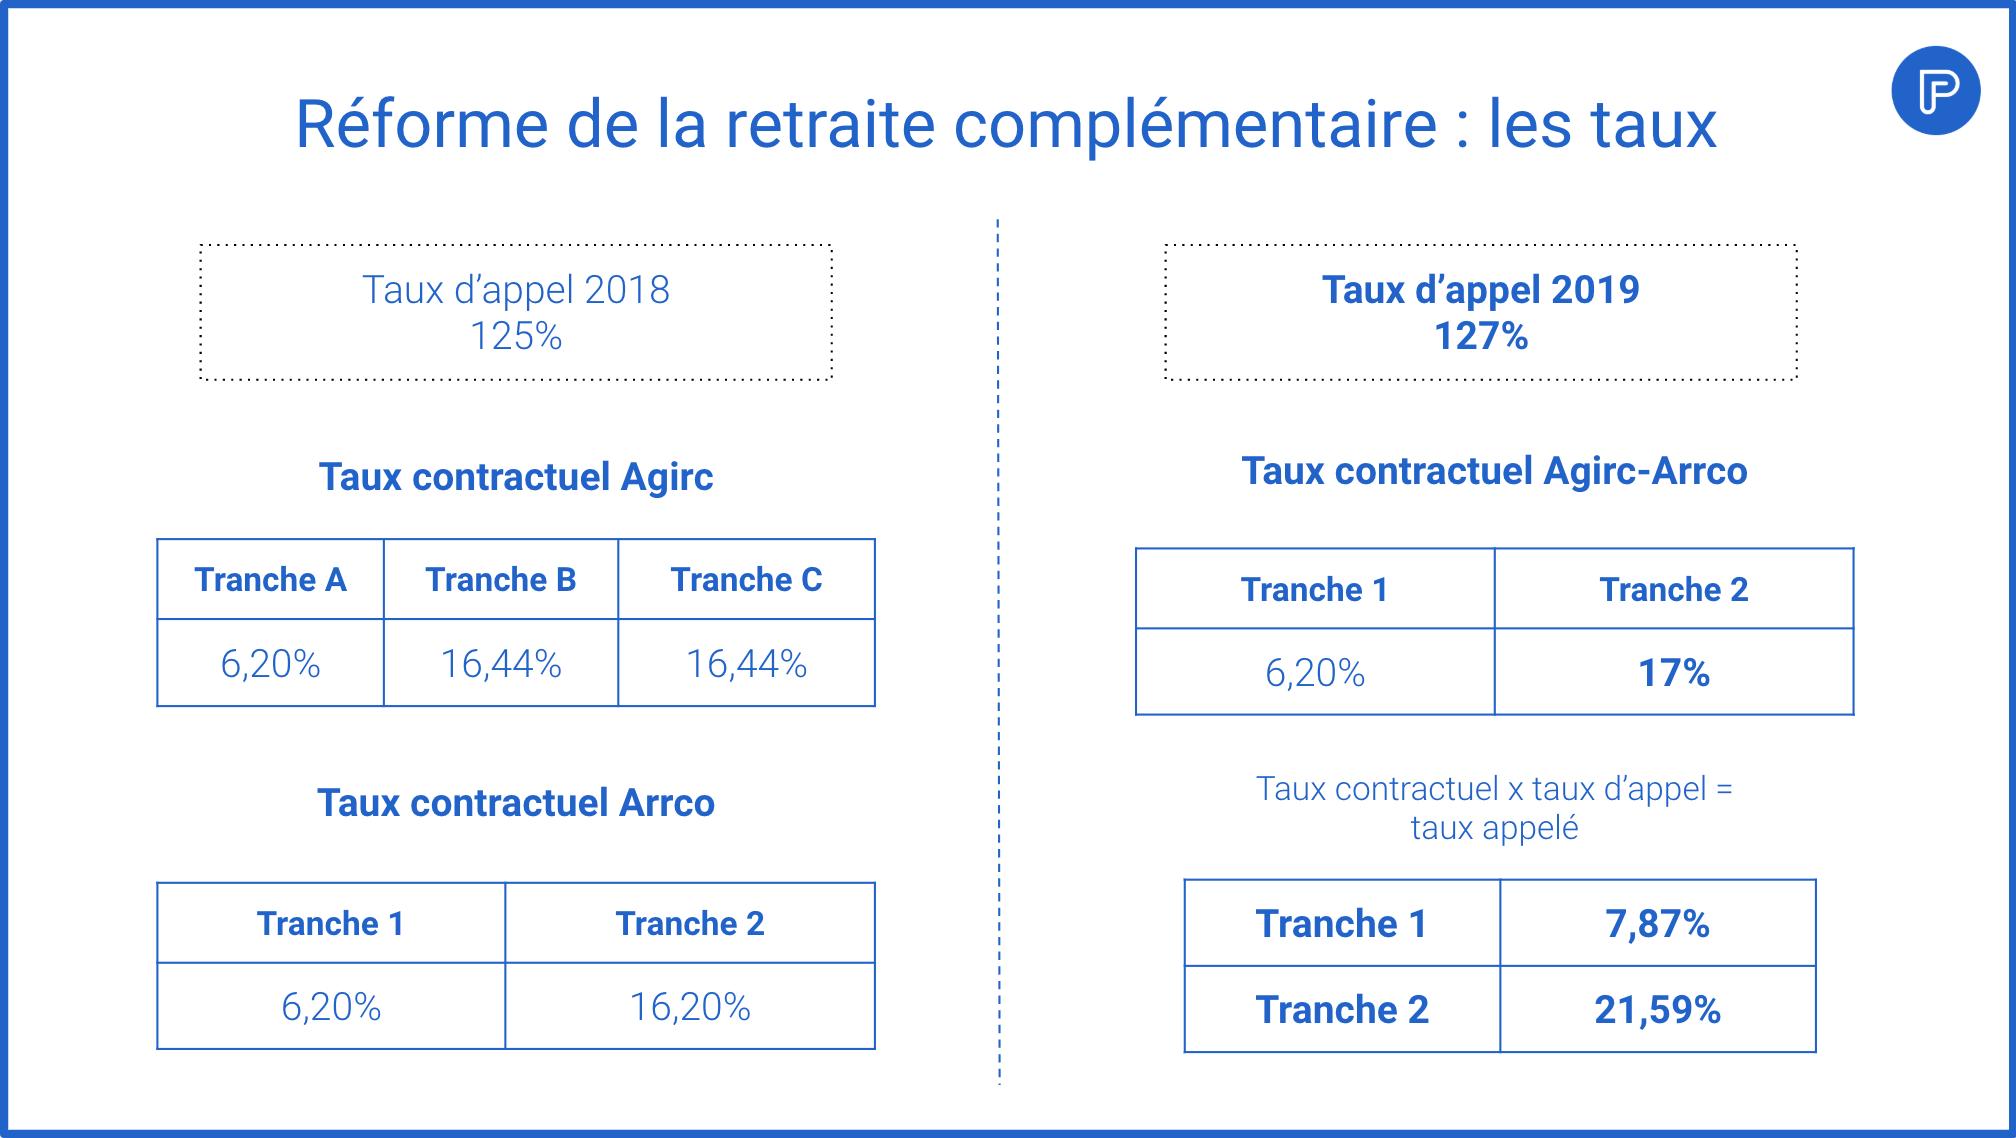 Les différents taux de cotisation - retraite agirc-arrco